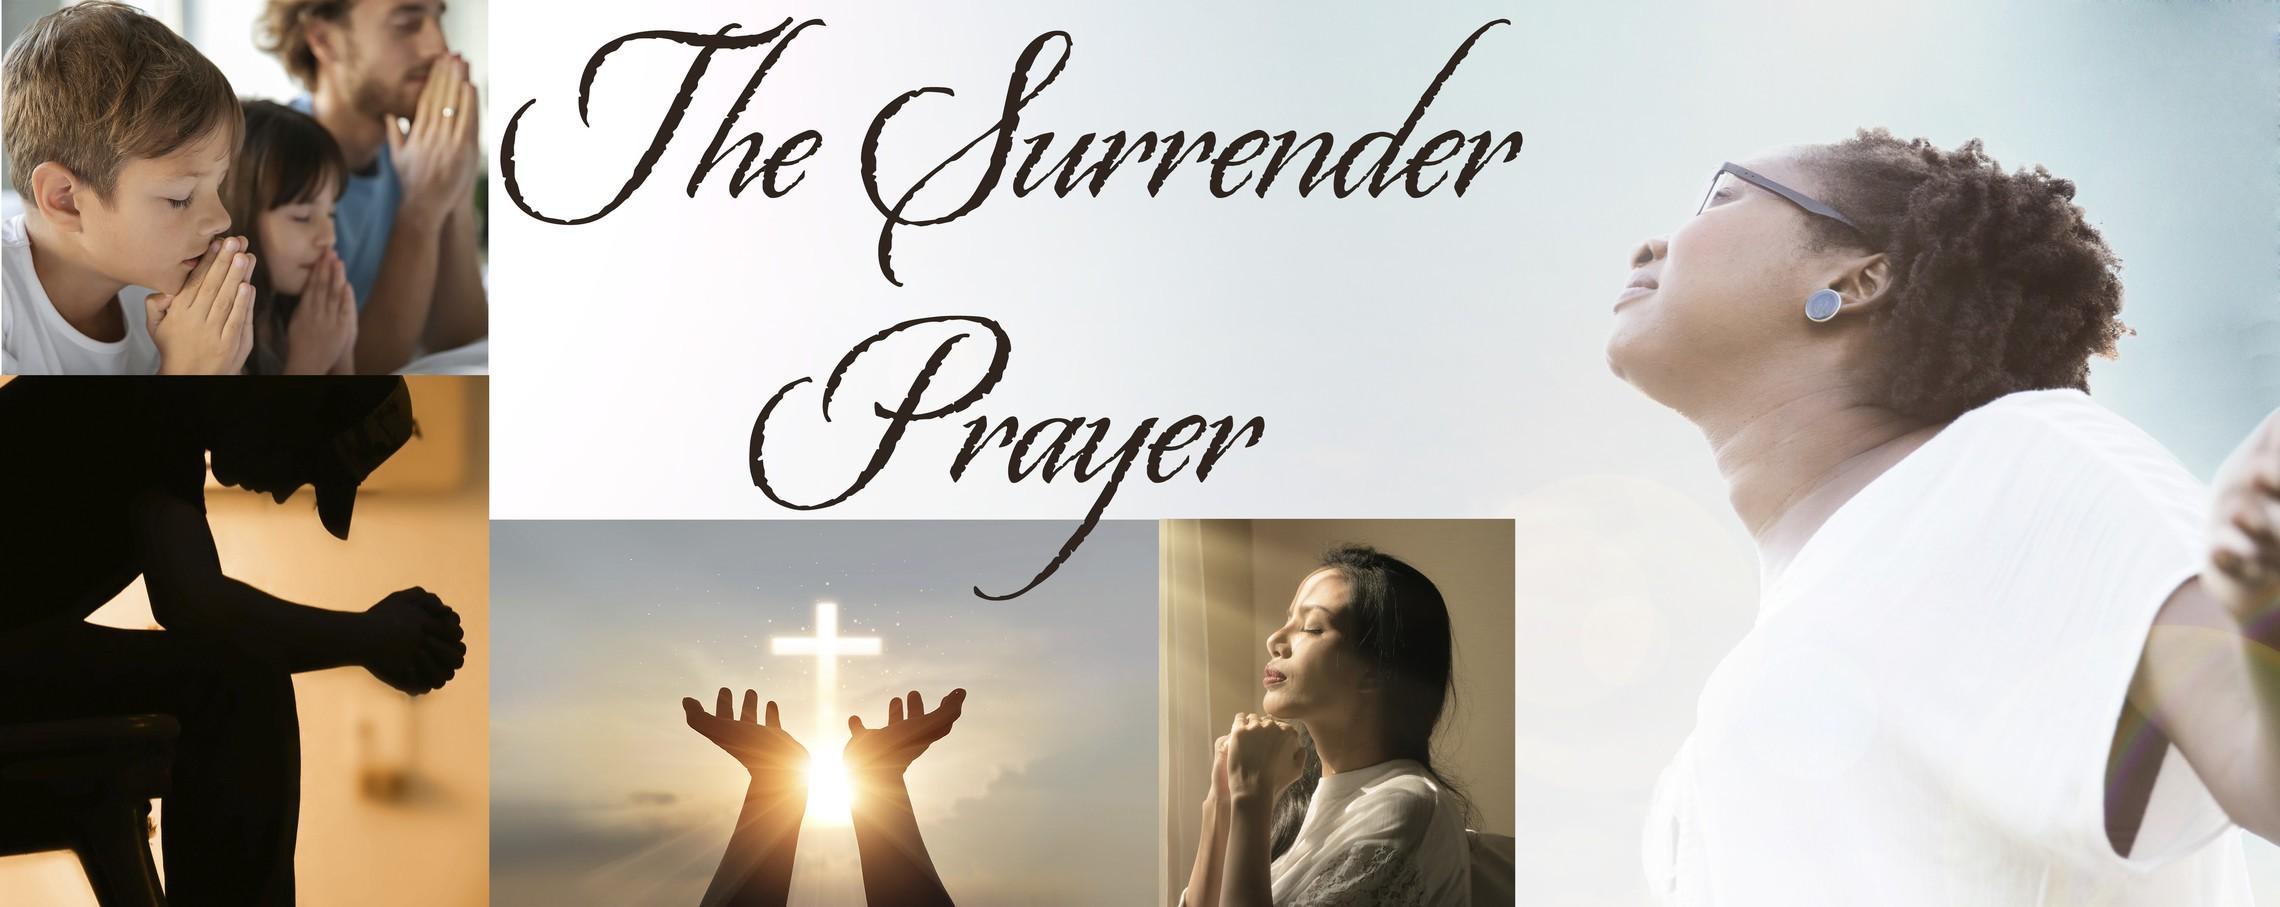 Surrender Webpage Banner